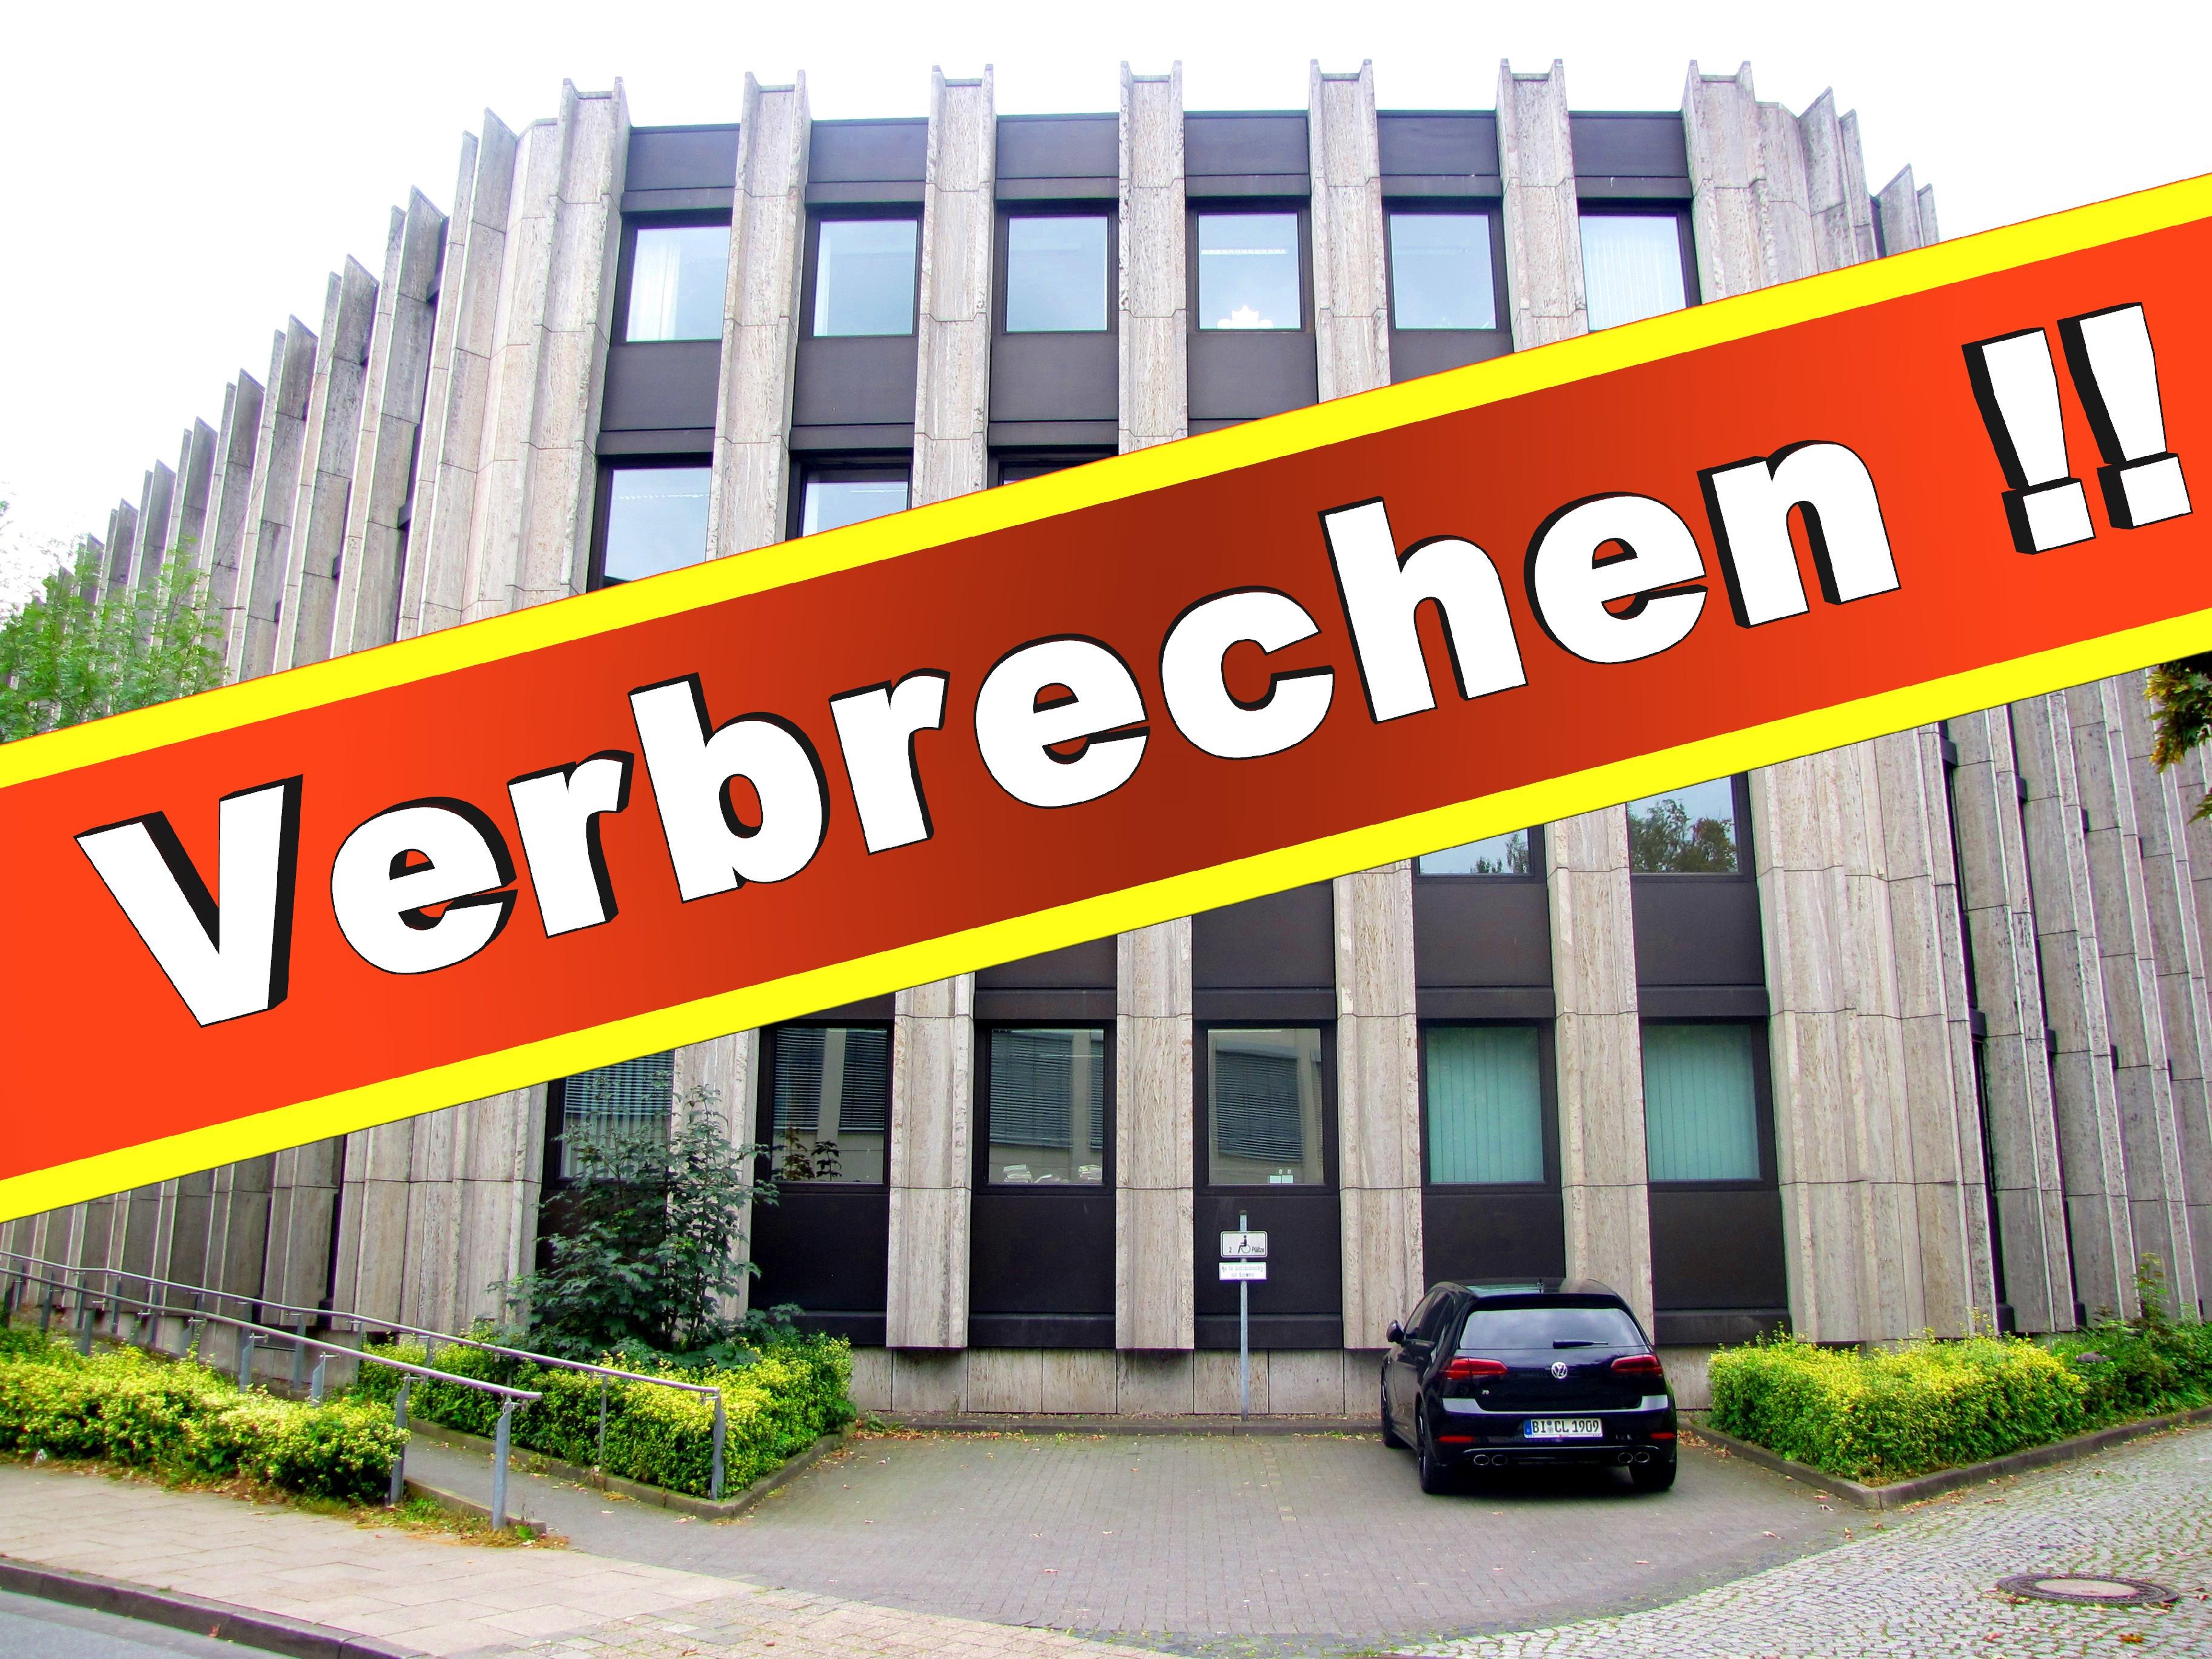 Staatsanwaltschaft Bielefeld Wirtschaftskriminalität Presse öffnungszeiten Geschäftsverteilung Detmold Onecoin Ralph Klom (2)